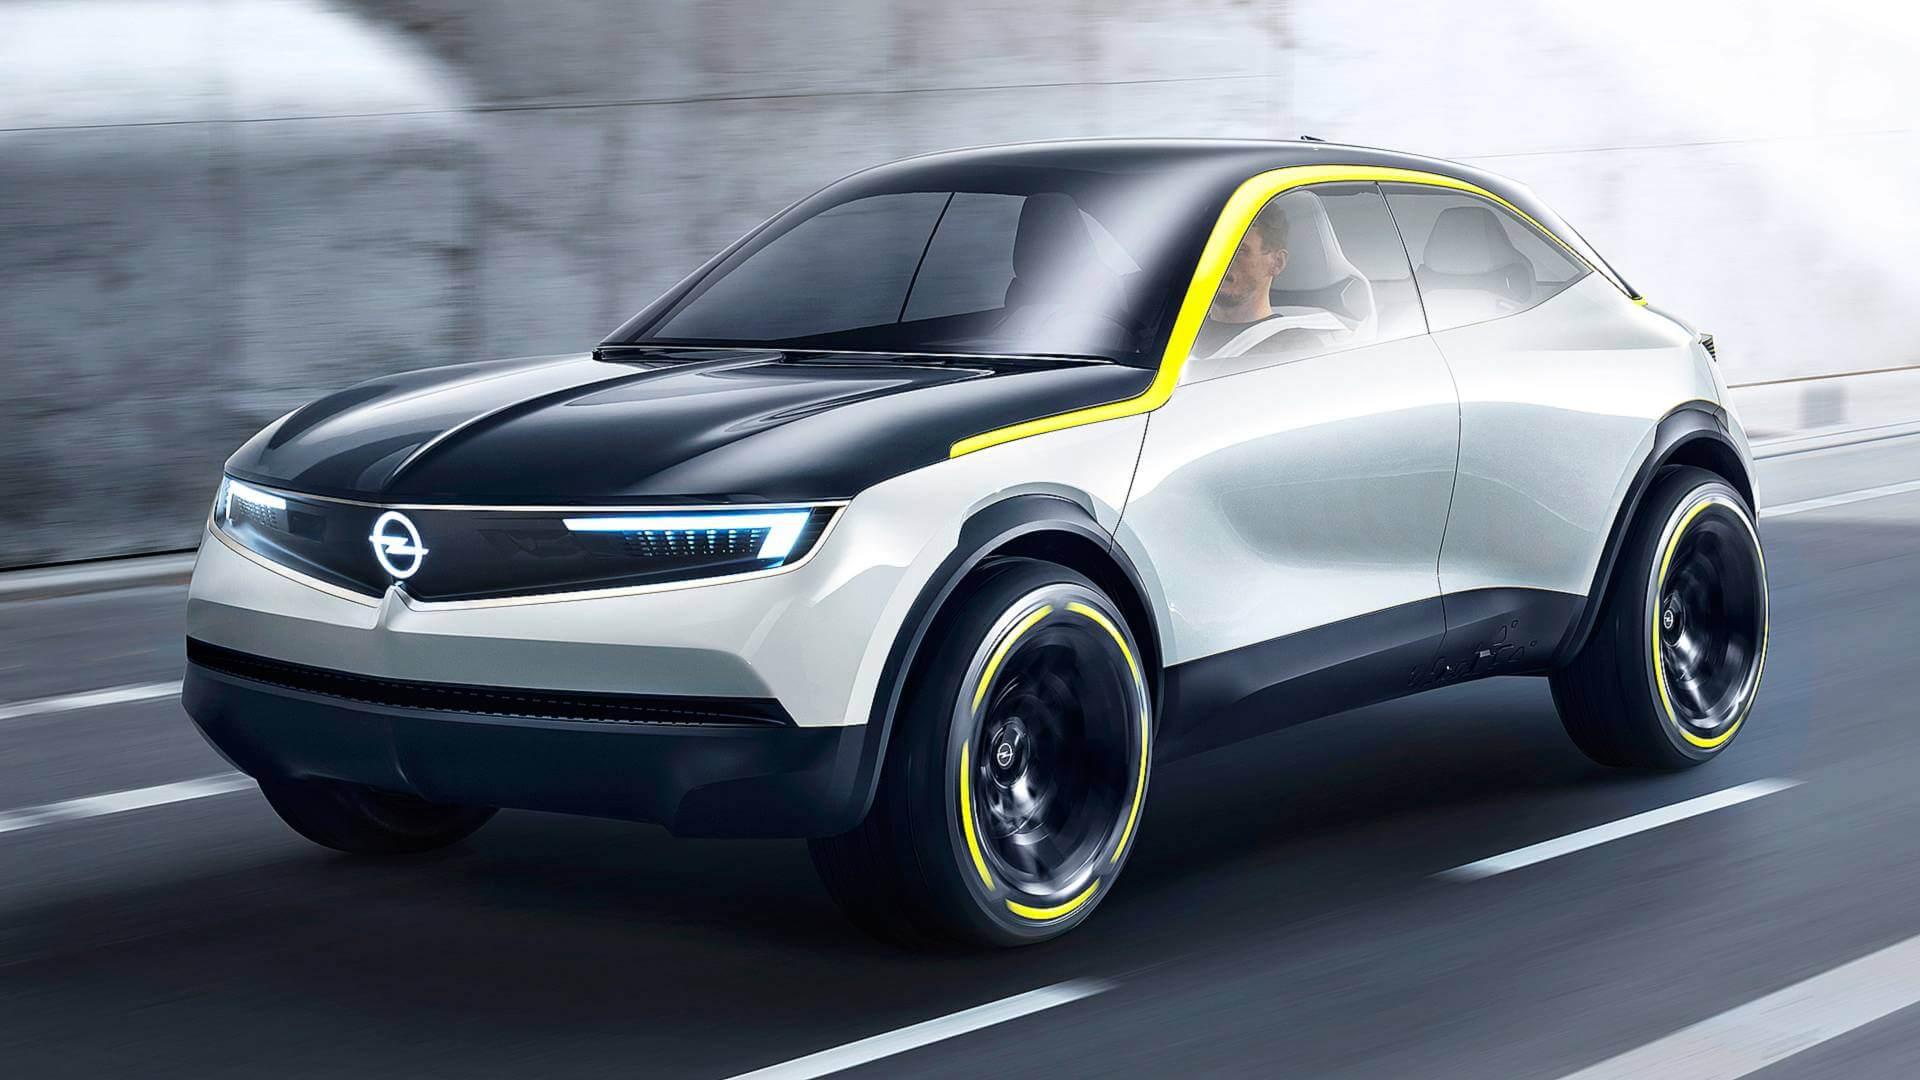 Концепт Opel GT X Experimental как будущее дизайна для всех моделей Opel